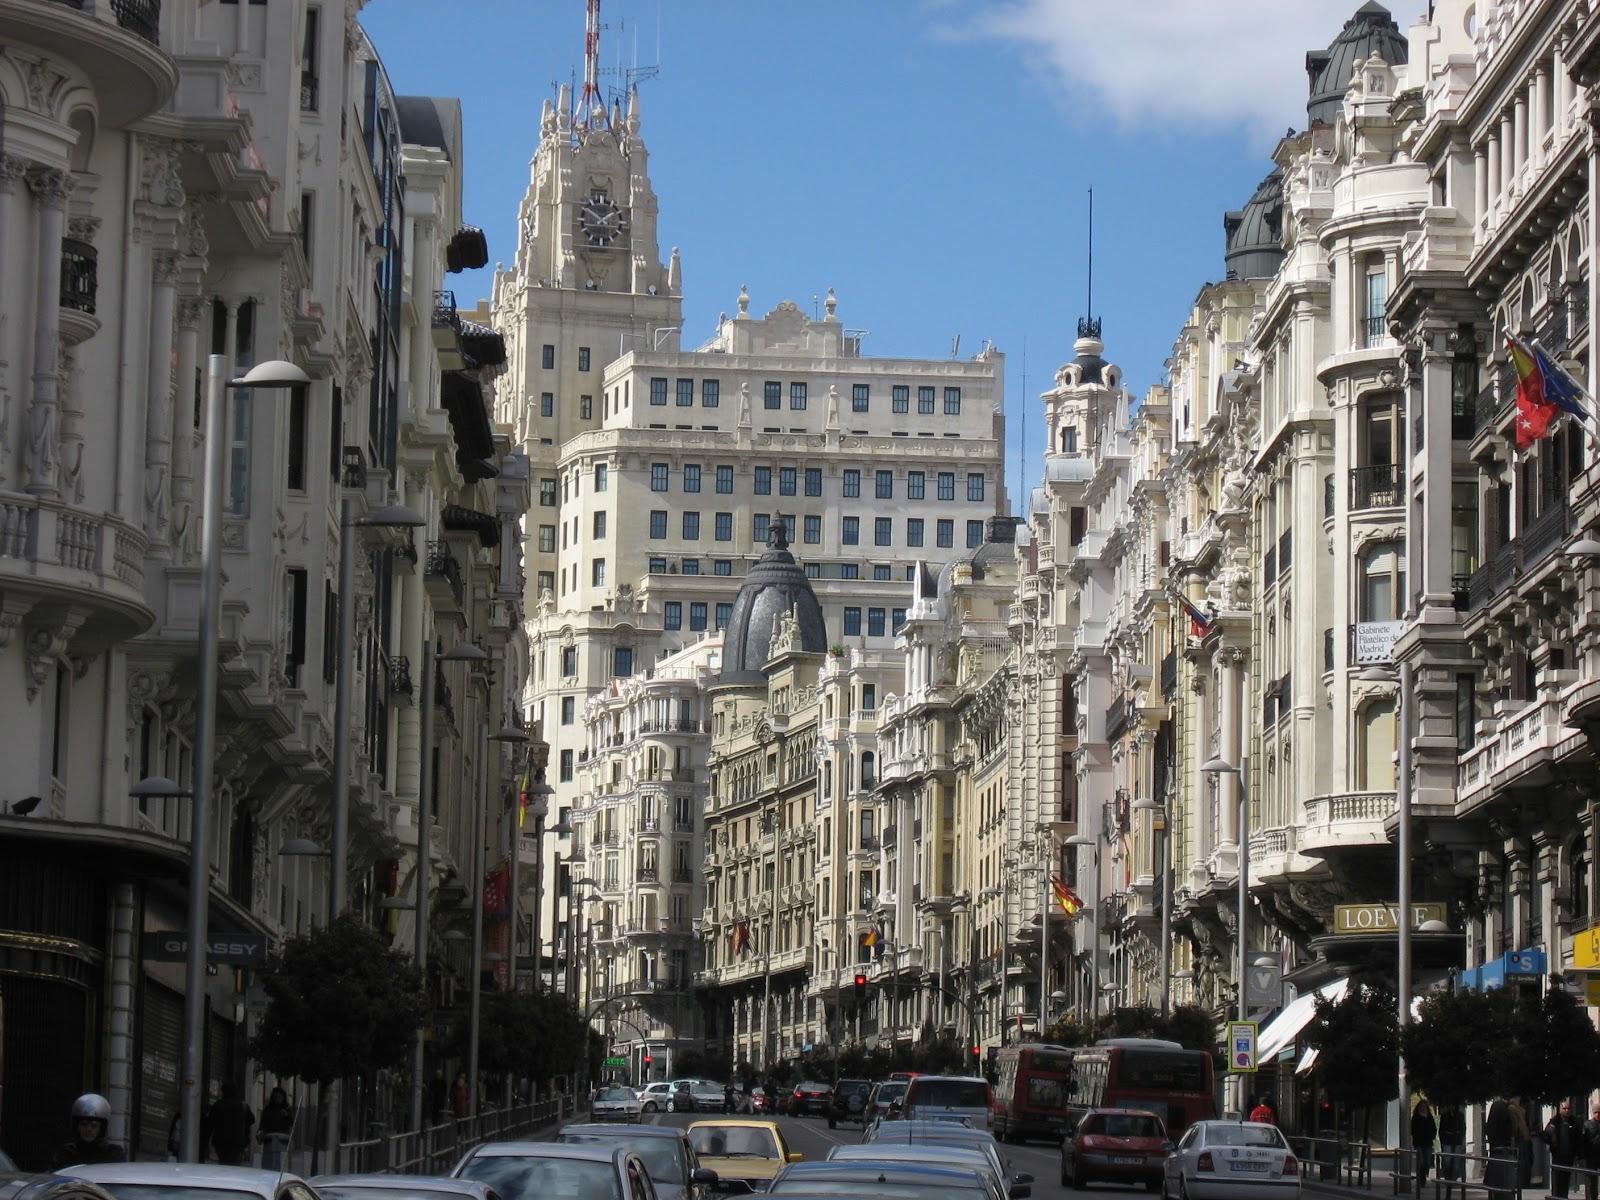 Hoteles de lujo centro madrid - Hoteles insolitos espana ...